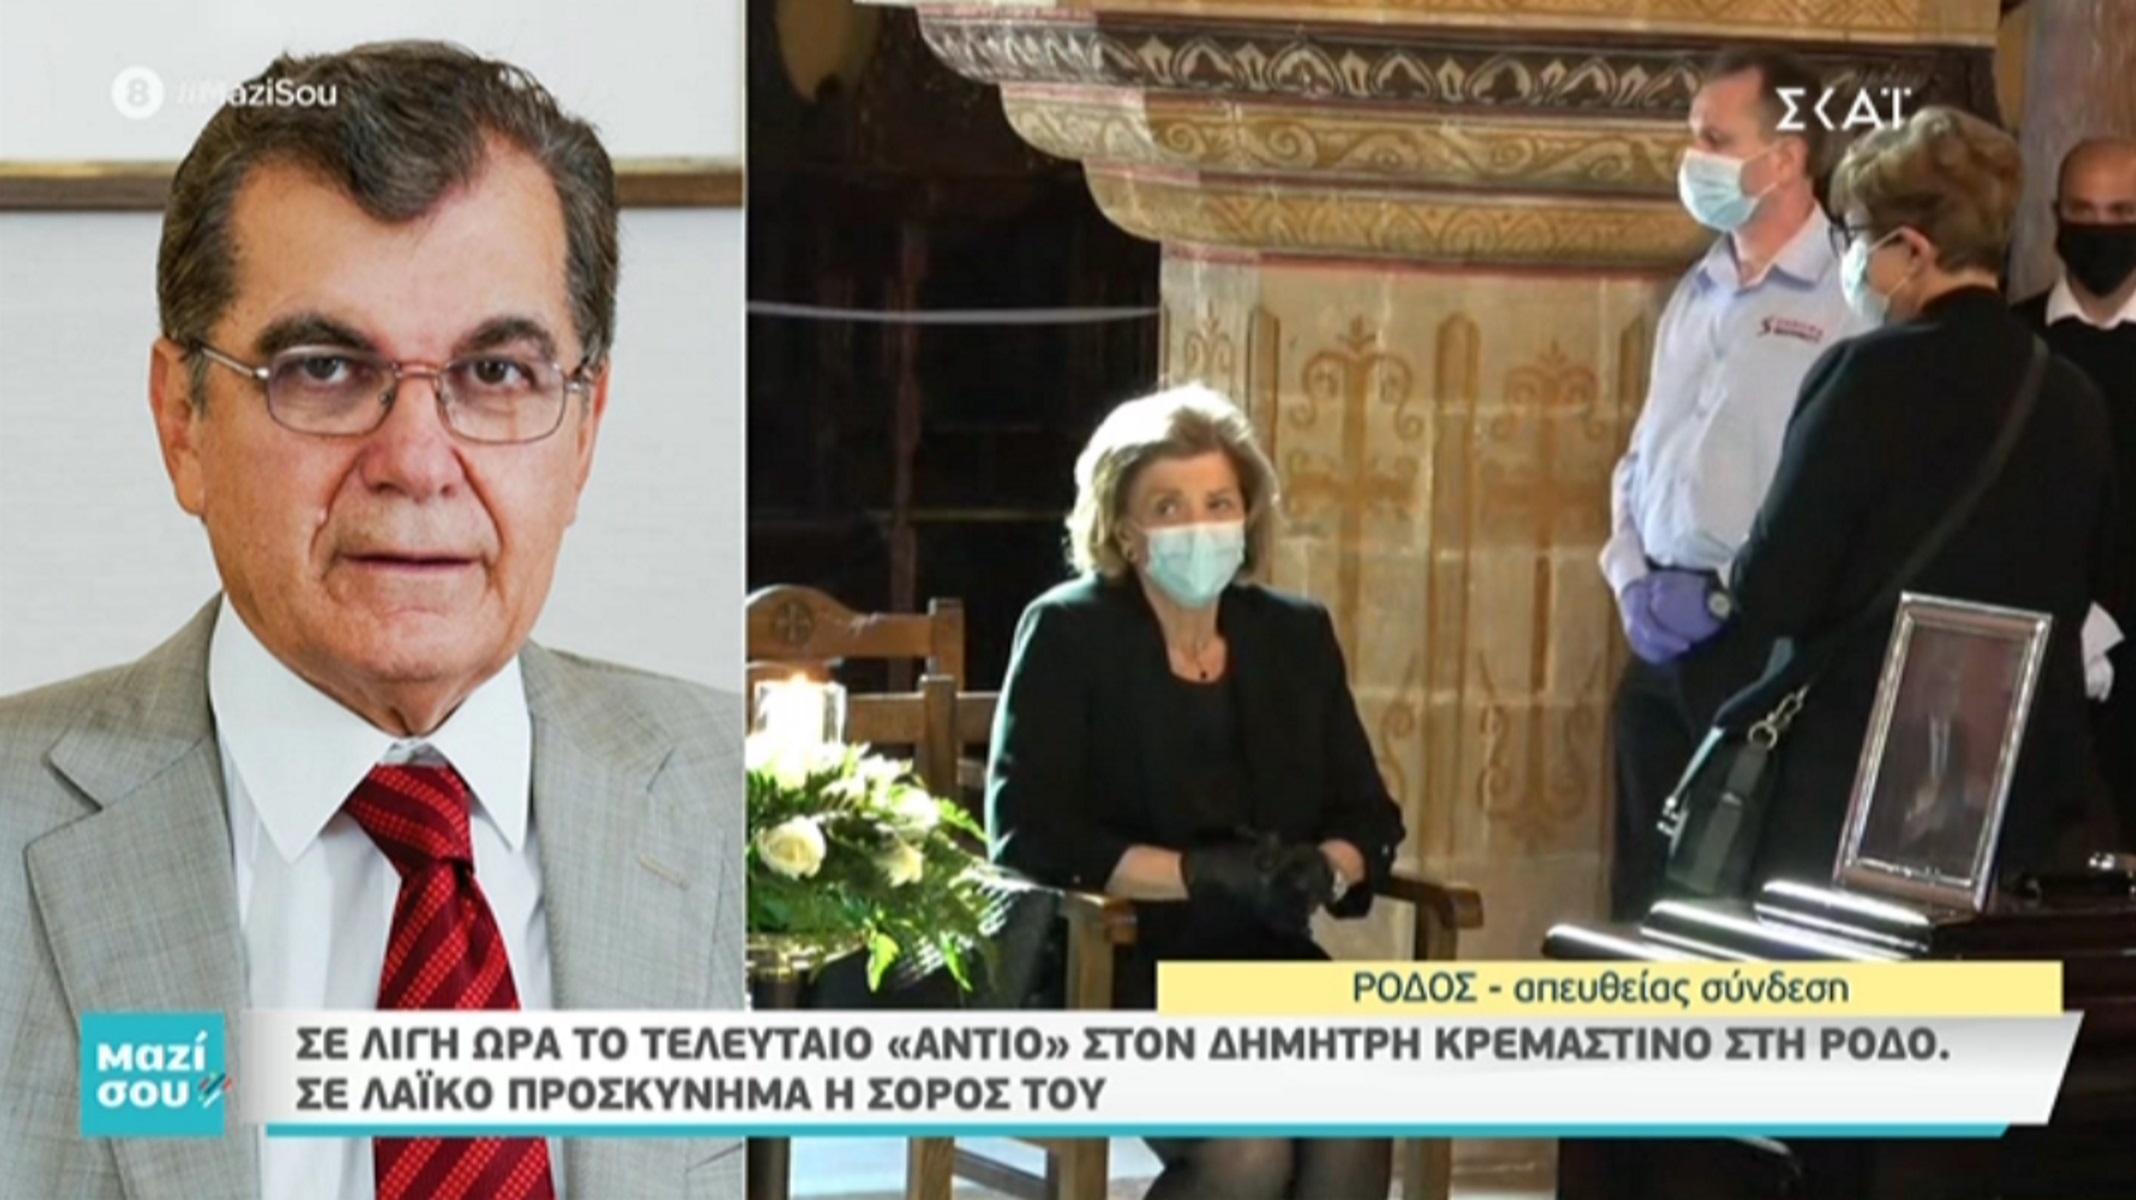 """Δημήτρης Κρεμαστινός: Τελευταίο χειροκρότημα στον επιστήμονα και πολιτικό που """"έφυγε"""" από κορονοϊό (video)"""